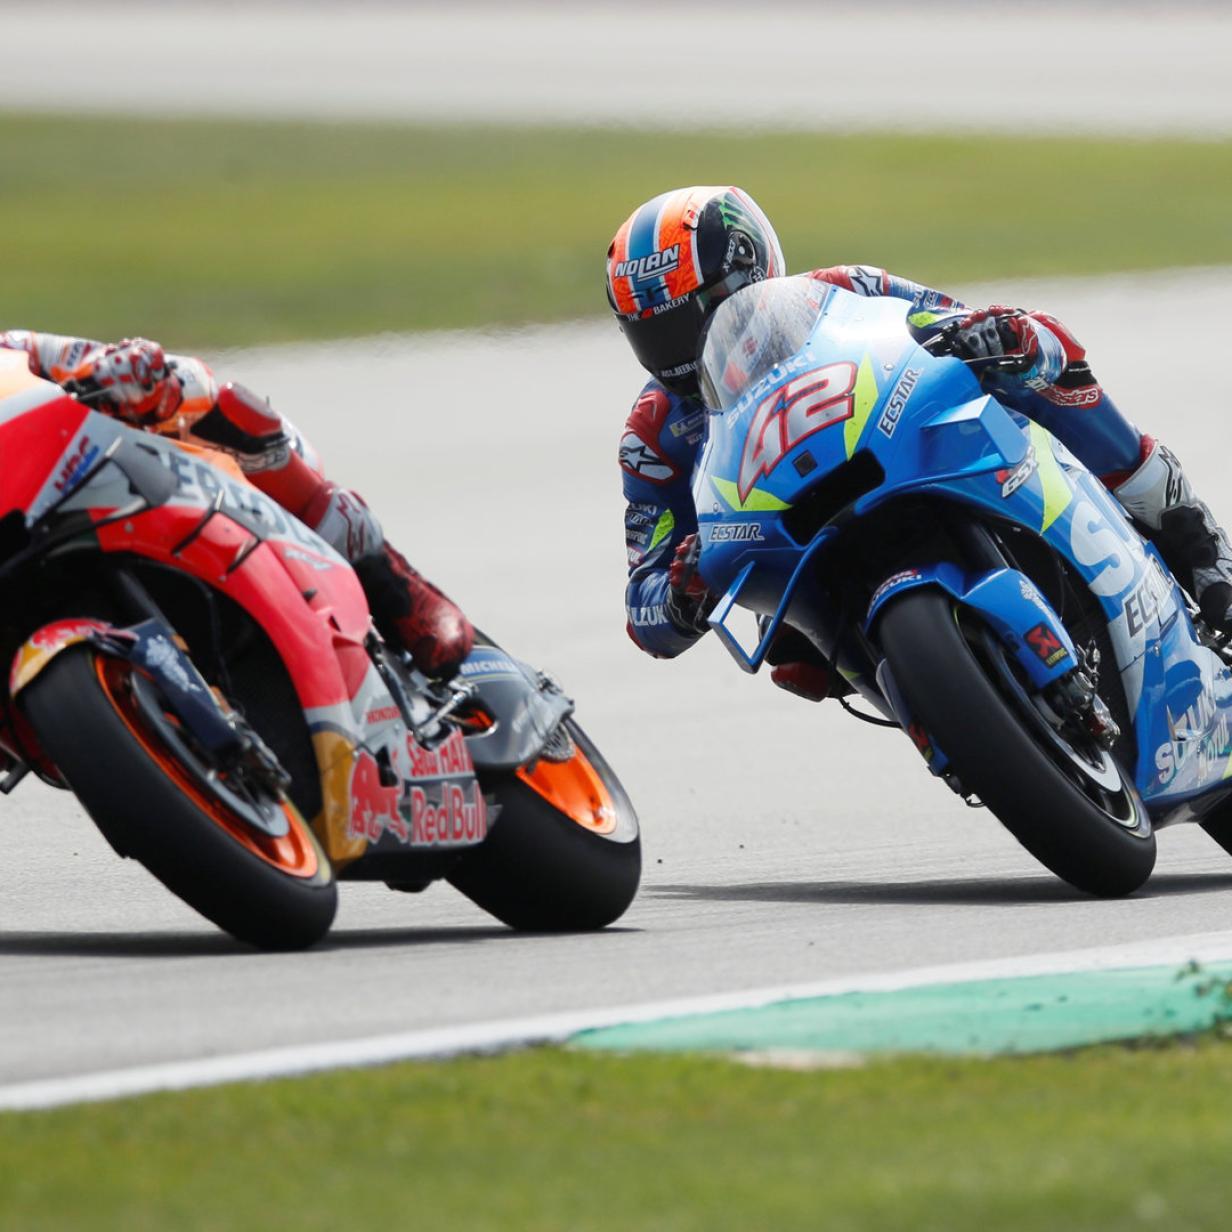 Alex Rins gewinnt das MotoGP-Spektakel in Silverstone